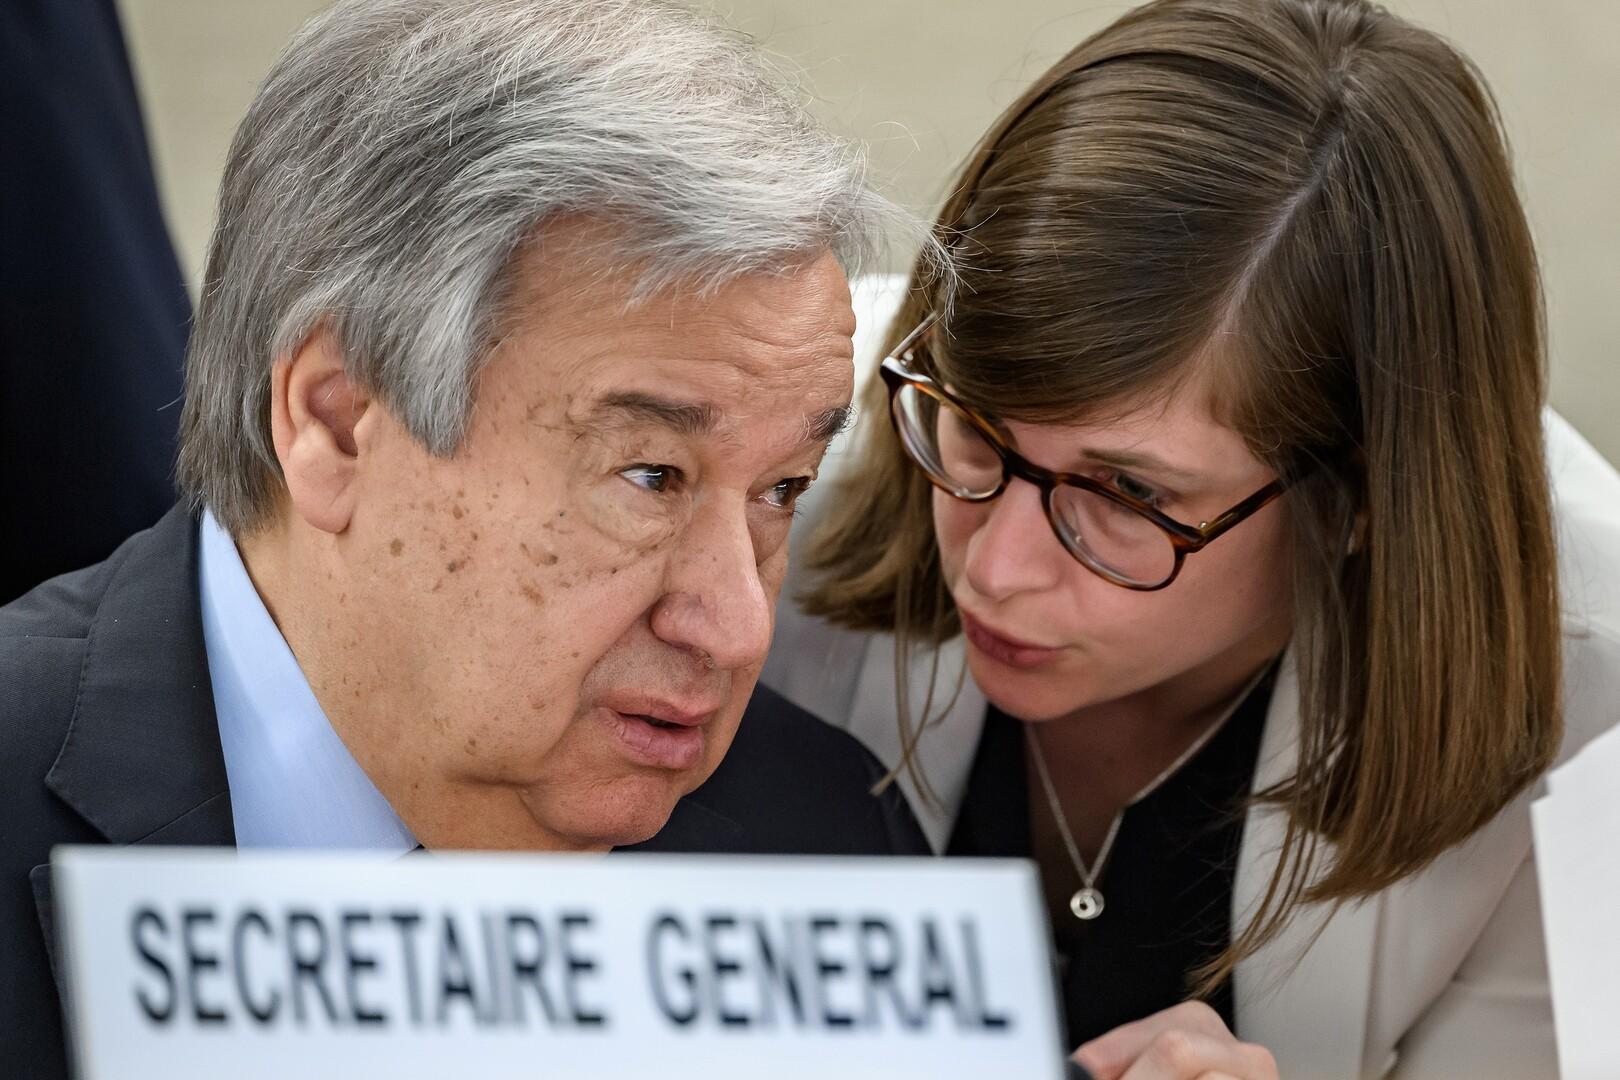 الأمين العام للأمم المتحدة يصف توجها لدول غنية بـ